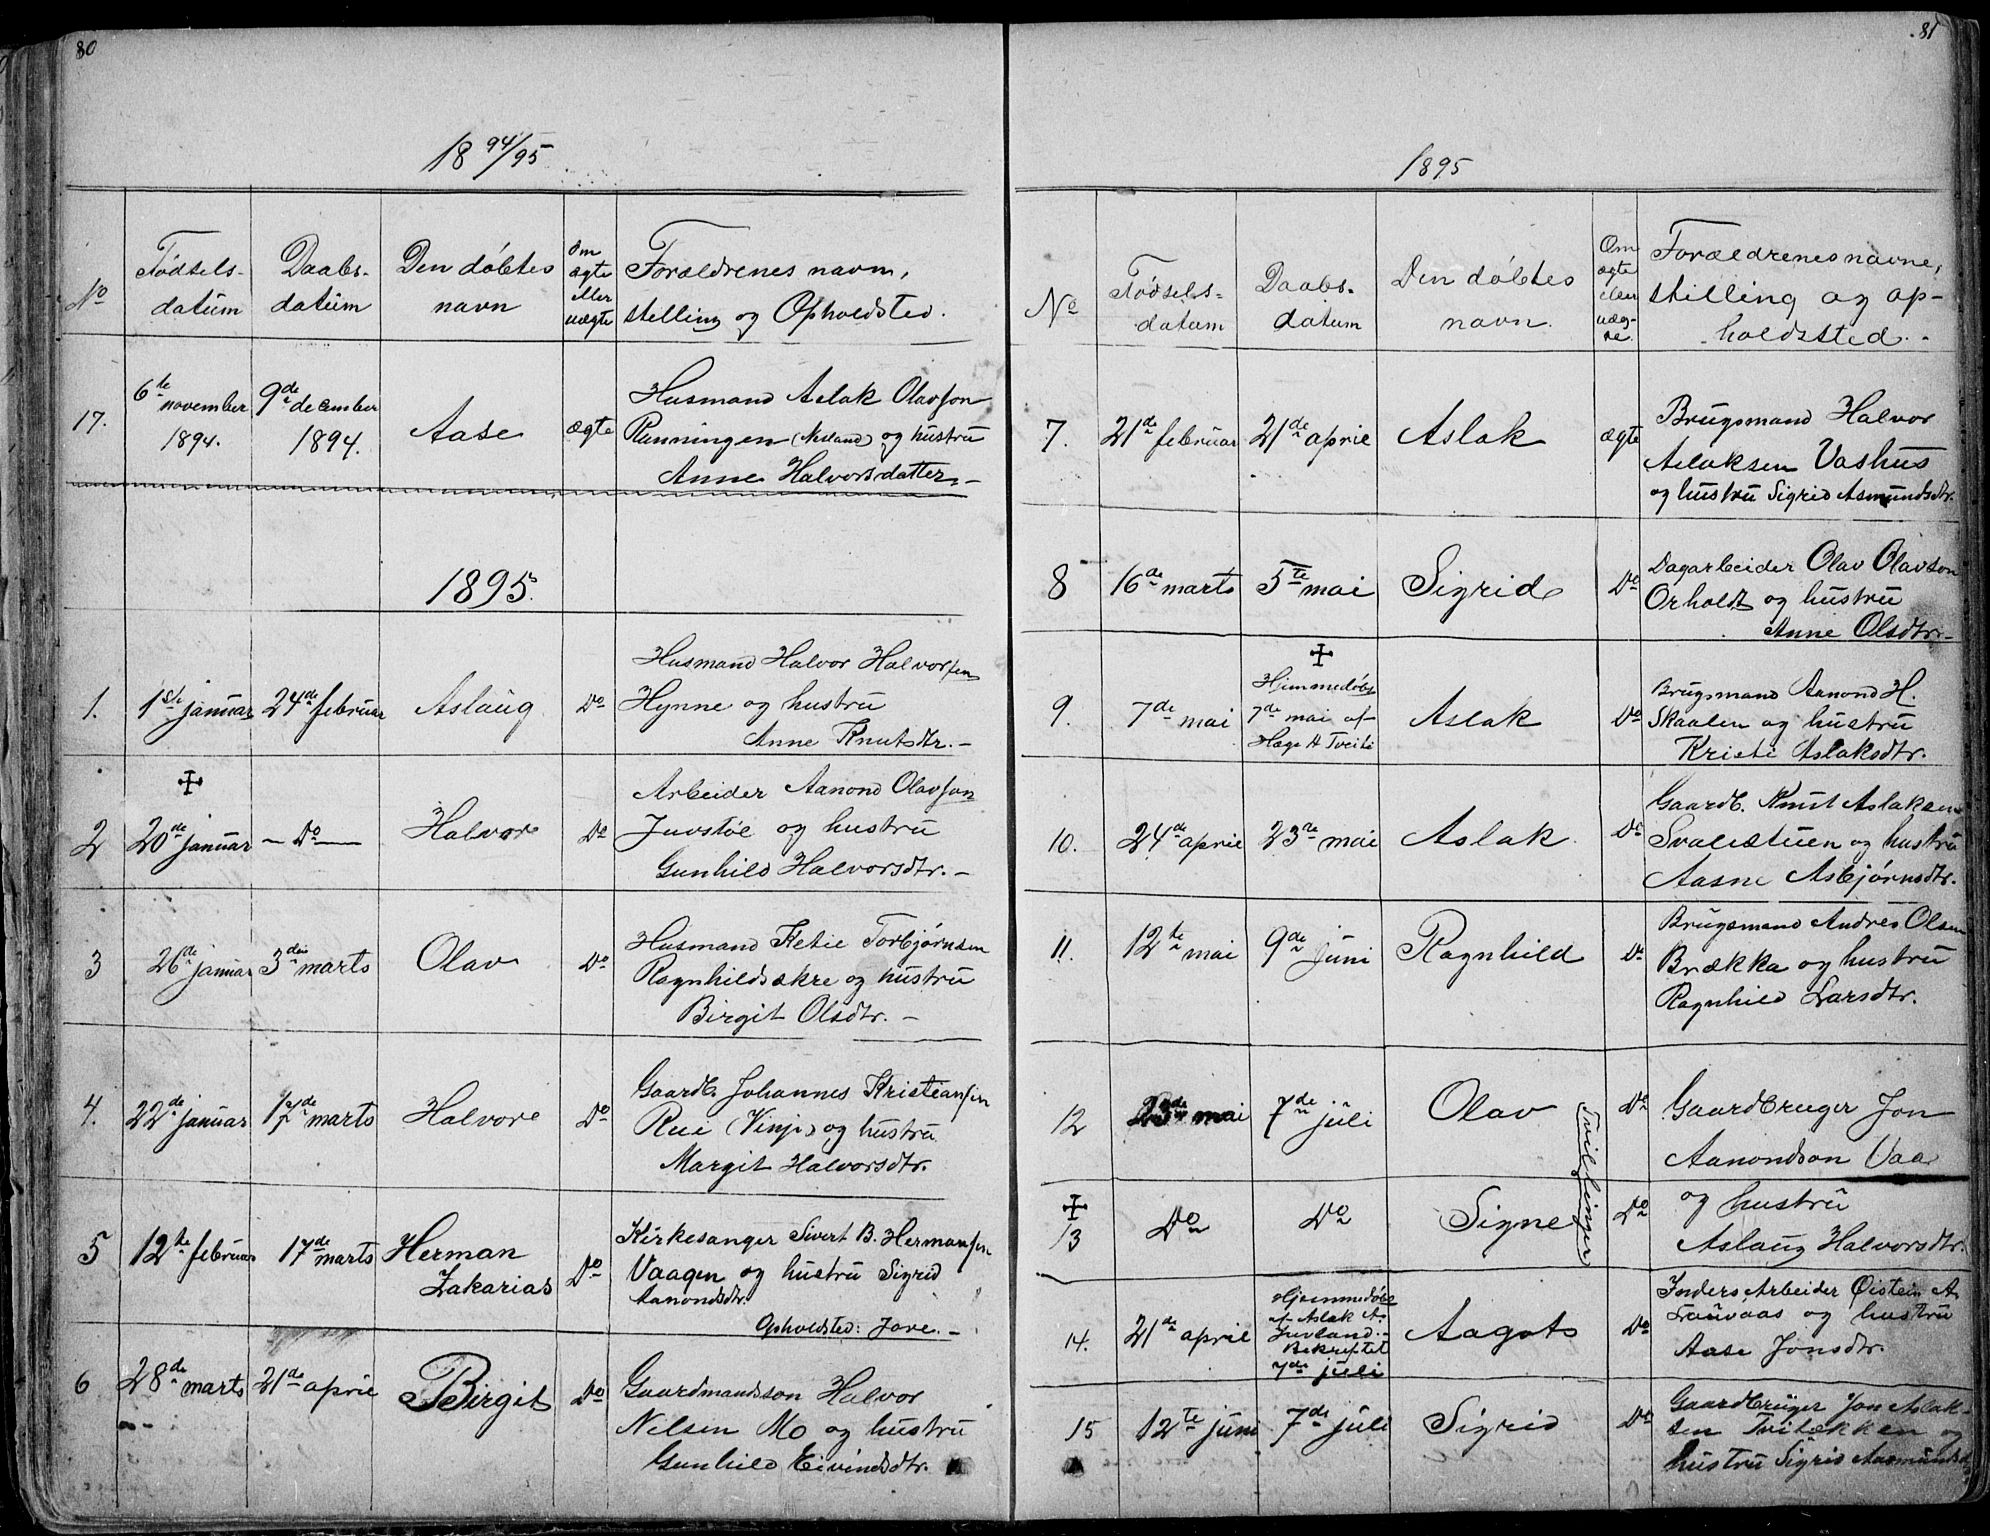 SAKO, Rauland kirkebøker, G/Ga/L0002: Klokkerbok nr. I 2, 1849-1935, s. 80-81